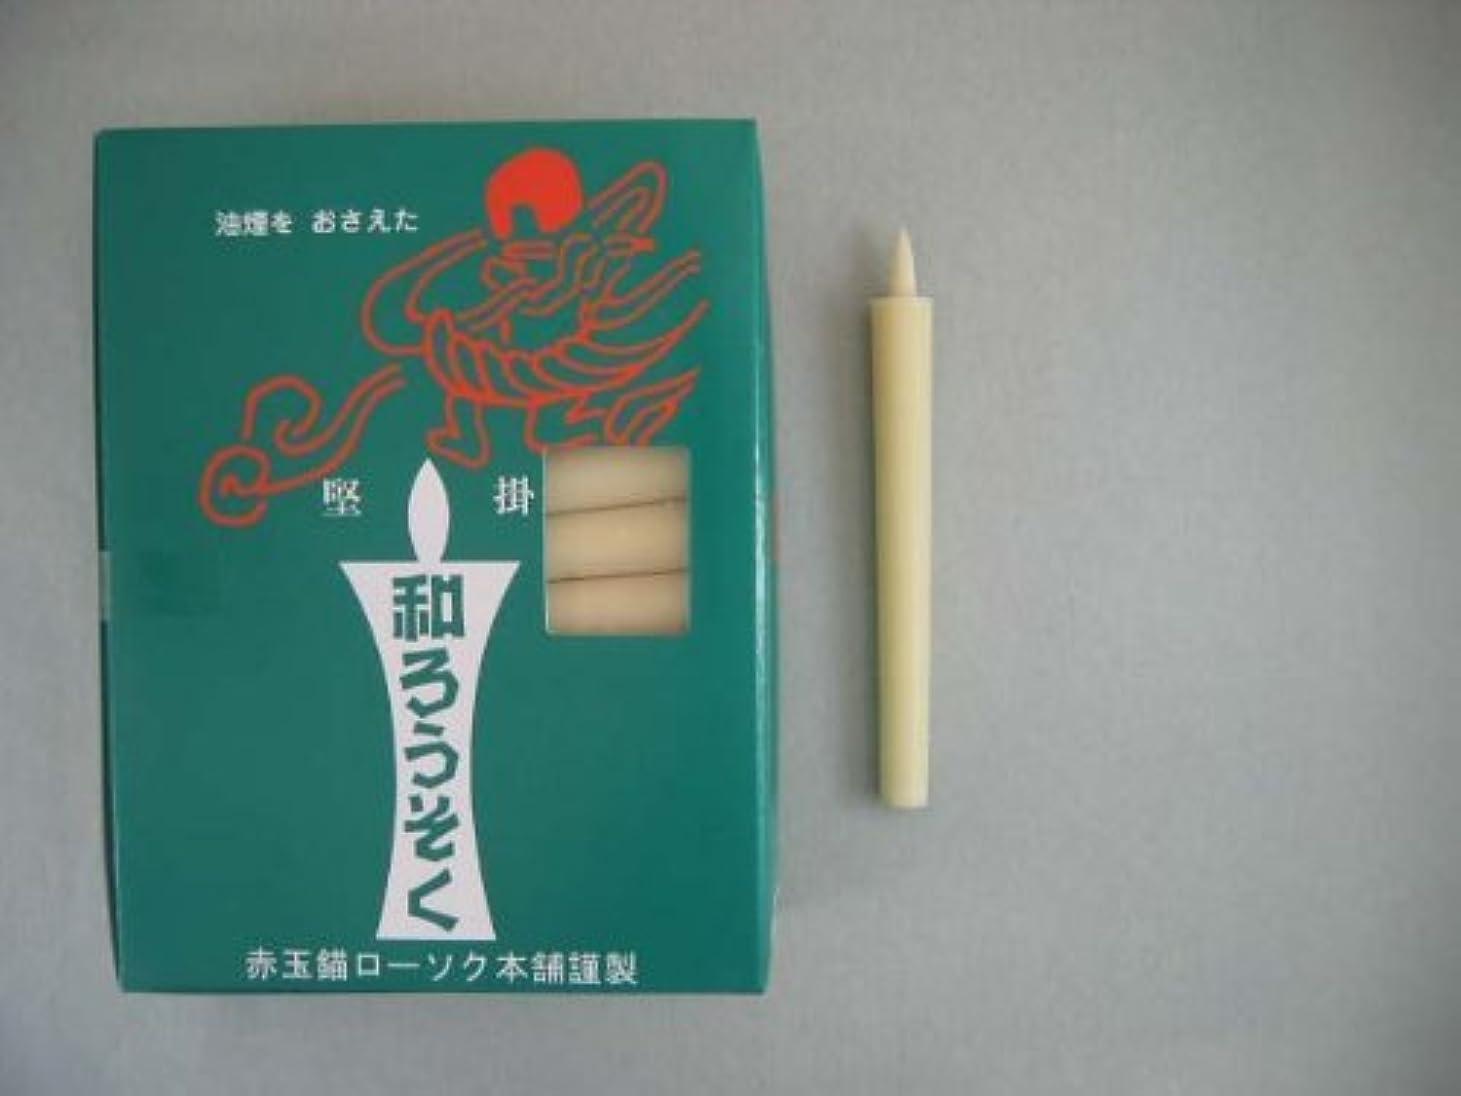 褒賞蒸し器泳ぐ和ろうそく 型和蝋燭 ローソク 棒 1.5号 白 65本入り 45分燃焼